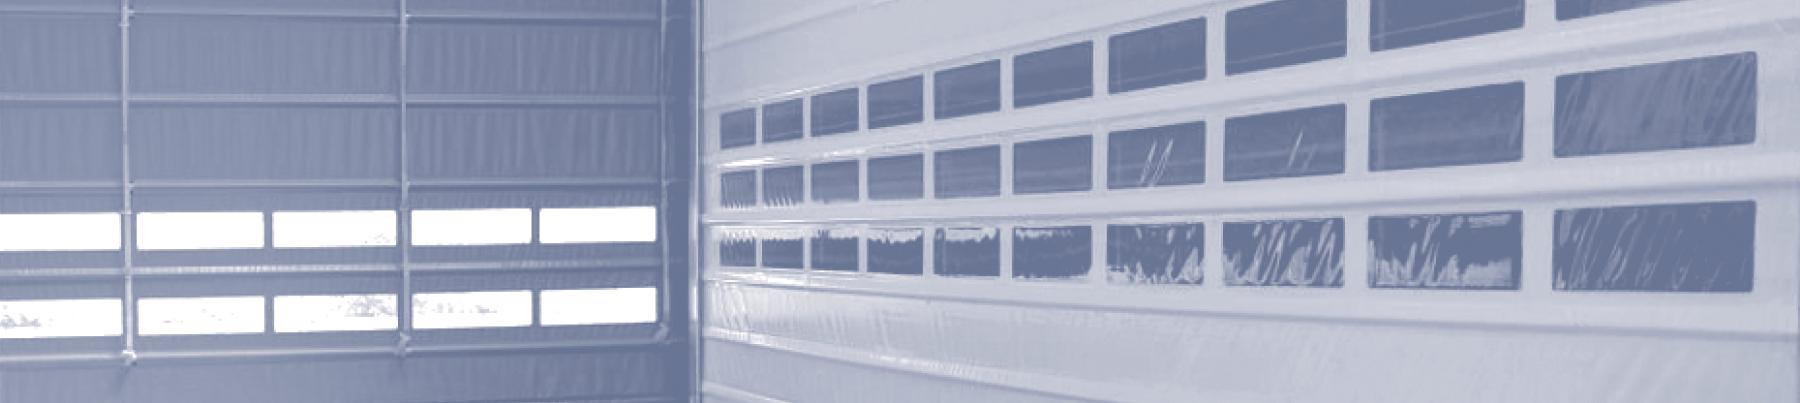 porte-e-portoni-garage